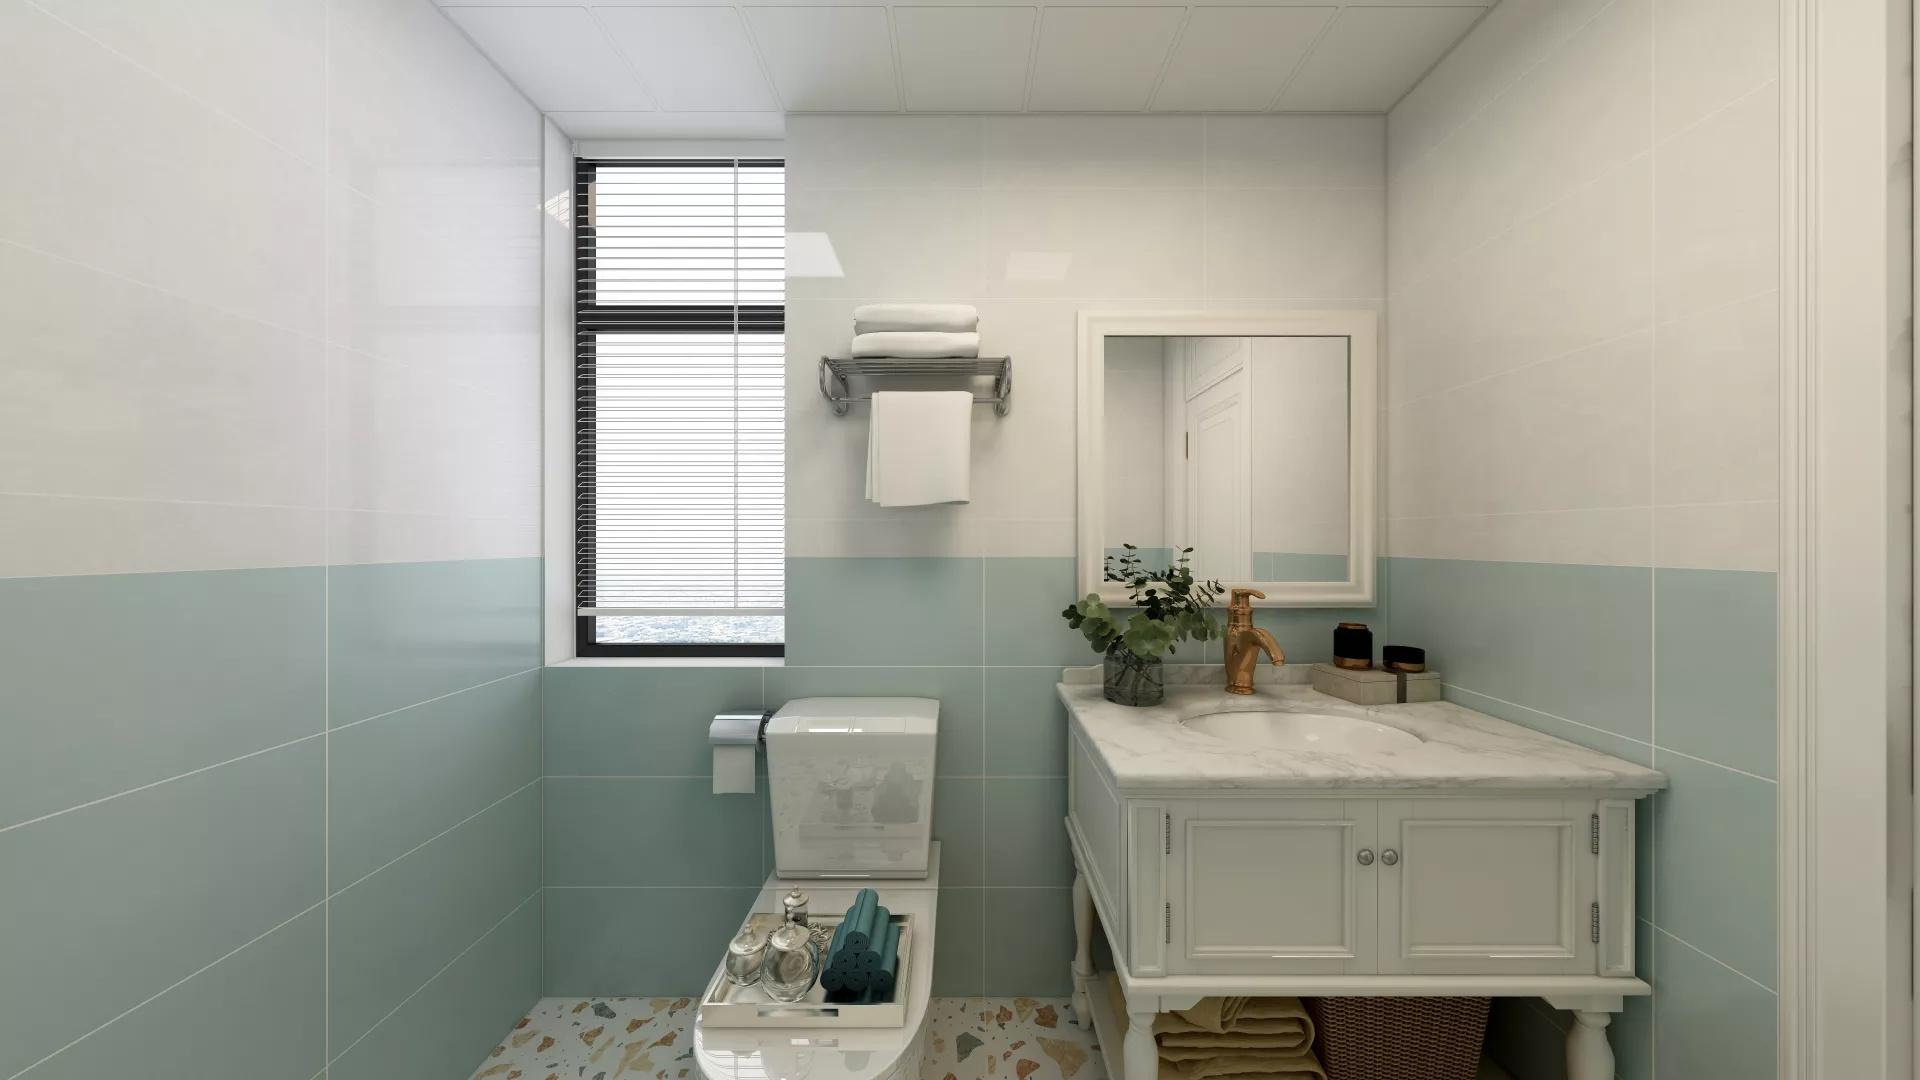 新房家具選購有哪些建議 新房家具選購要點